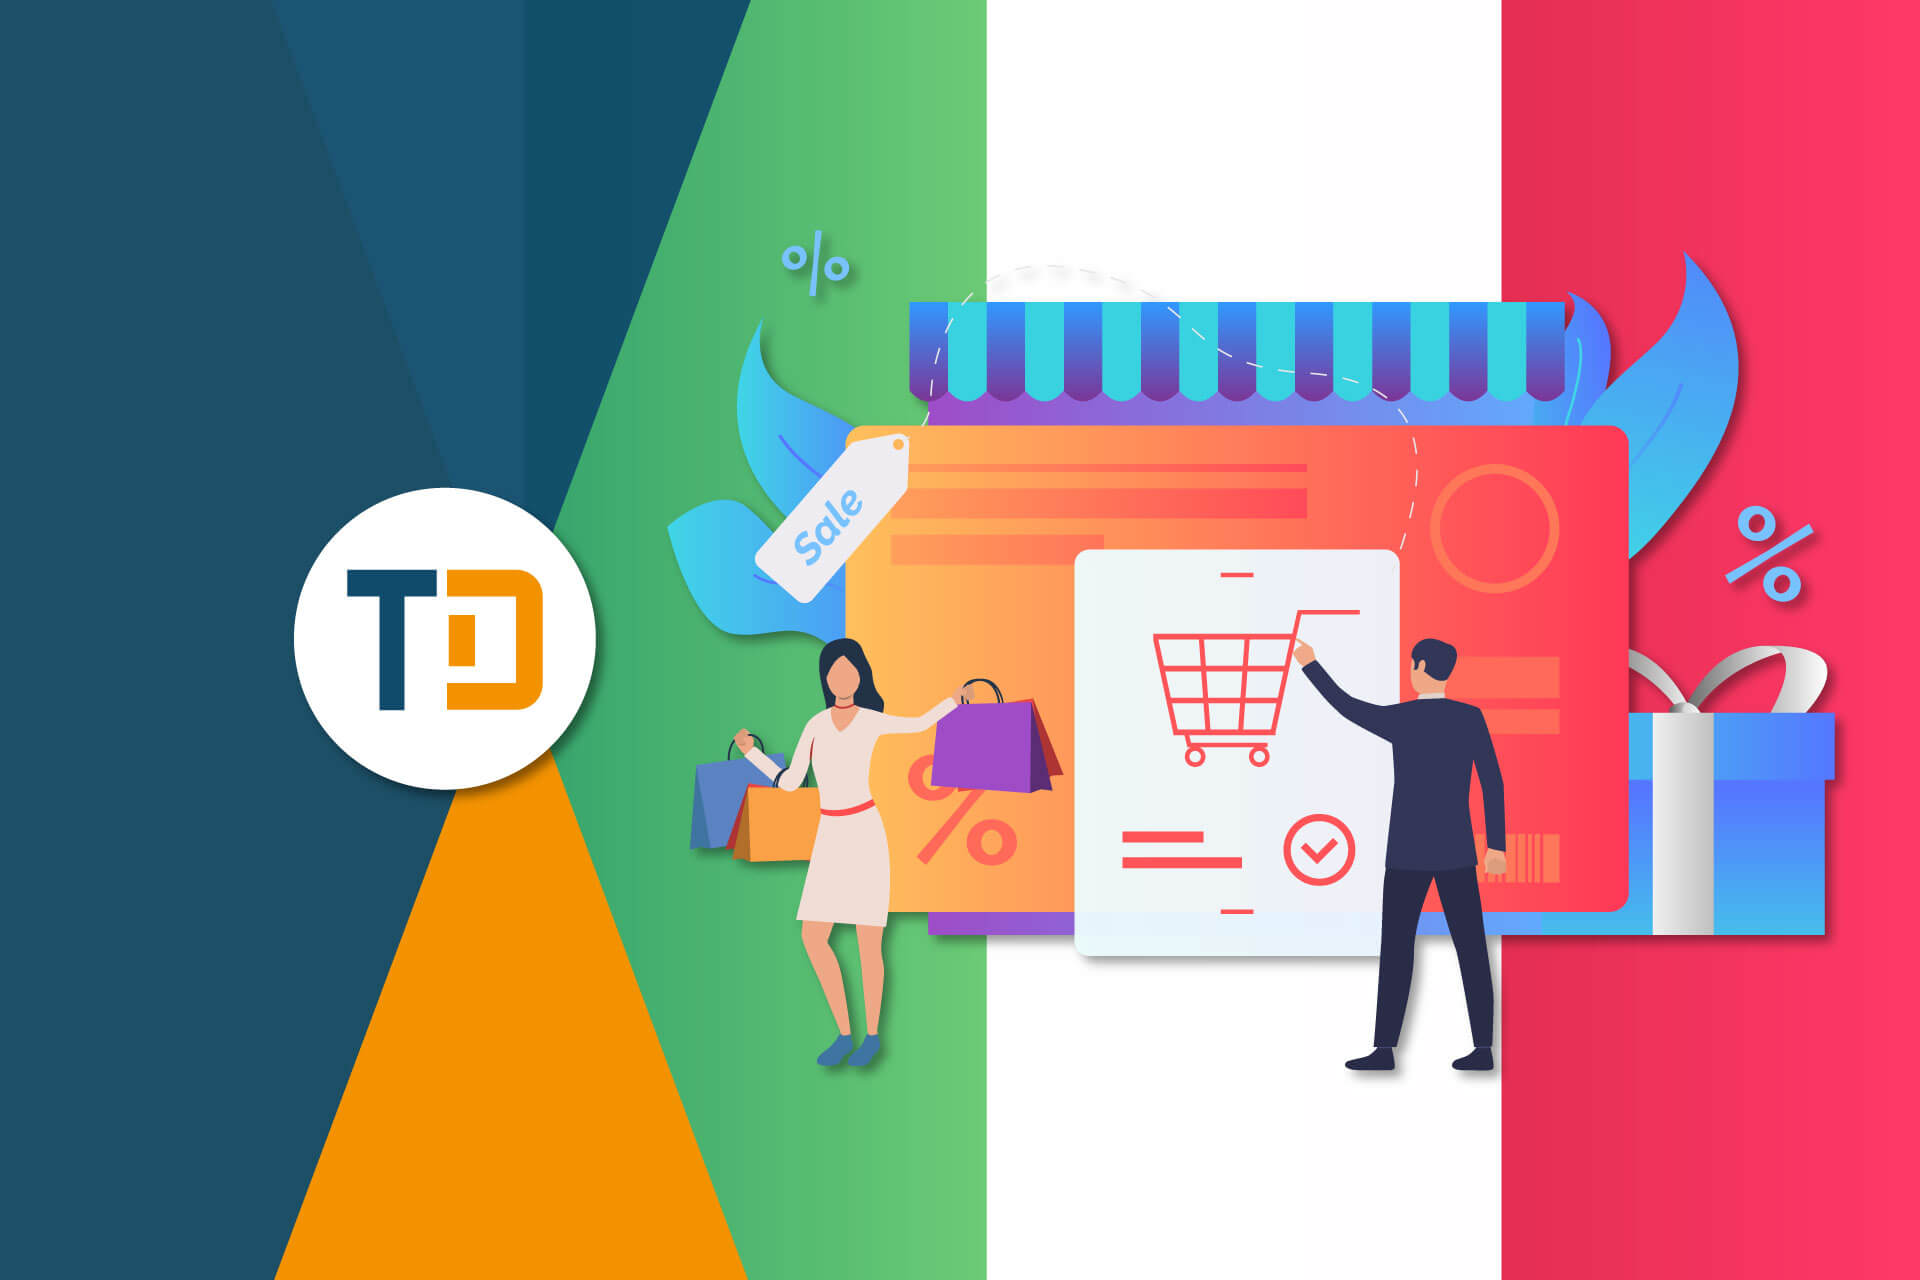 crescita e-commerce Italia 2020 software Telnet Data